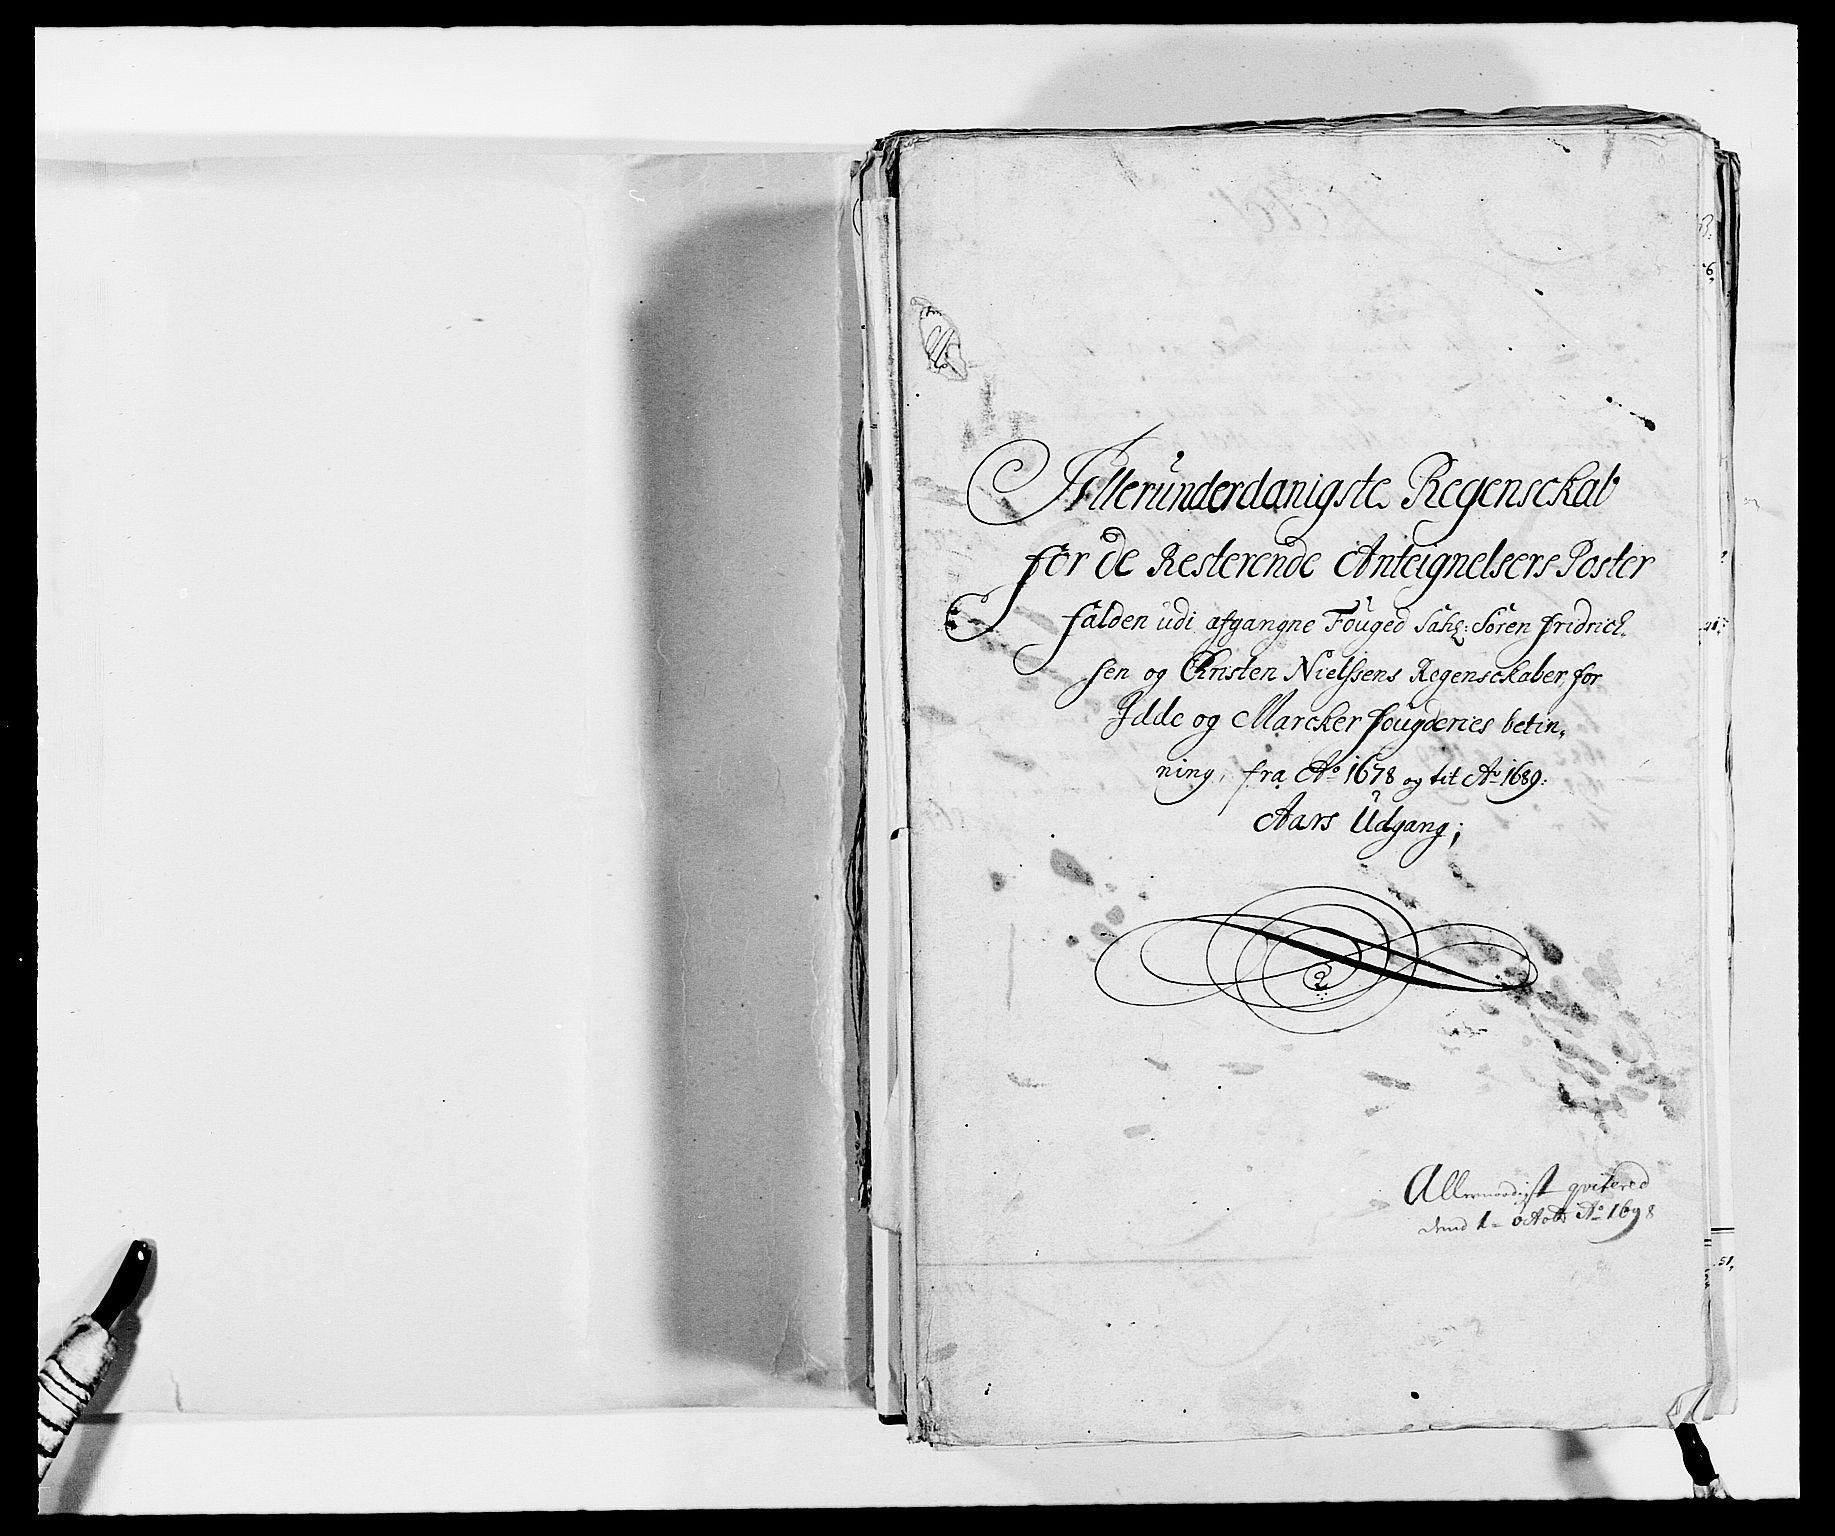 RA, Rentekammeret inntil 1814, Reviderte regnskaper, Fogderegnskap, R01/L0009: Fogderegnskap Idd og Marker, 1689, p. 2